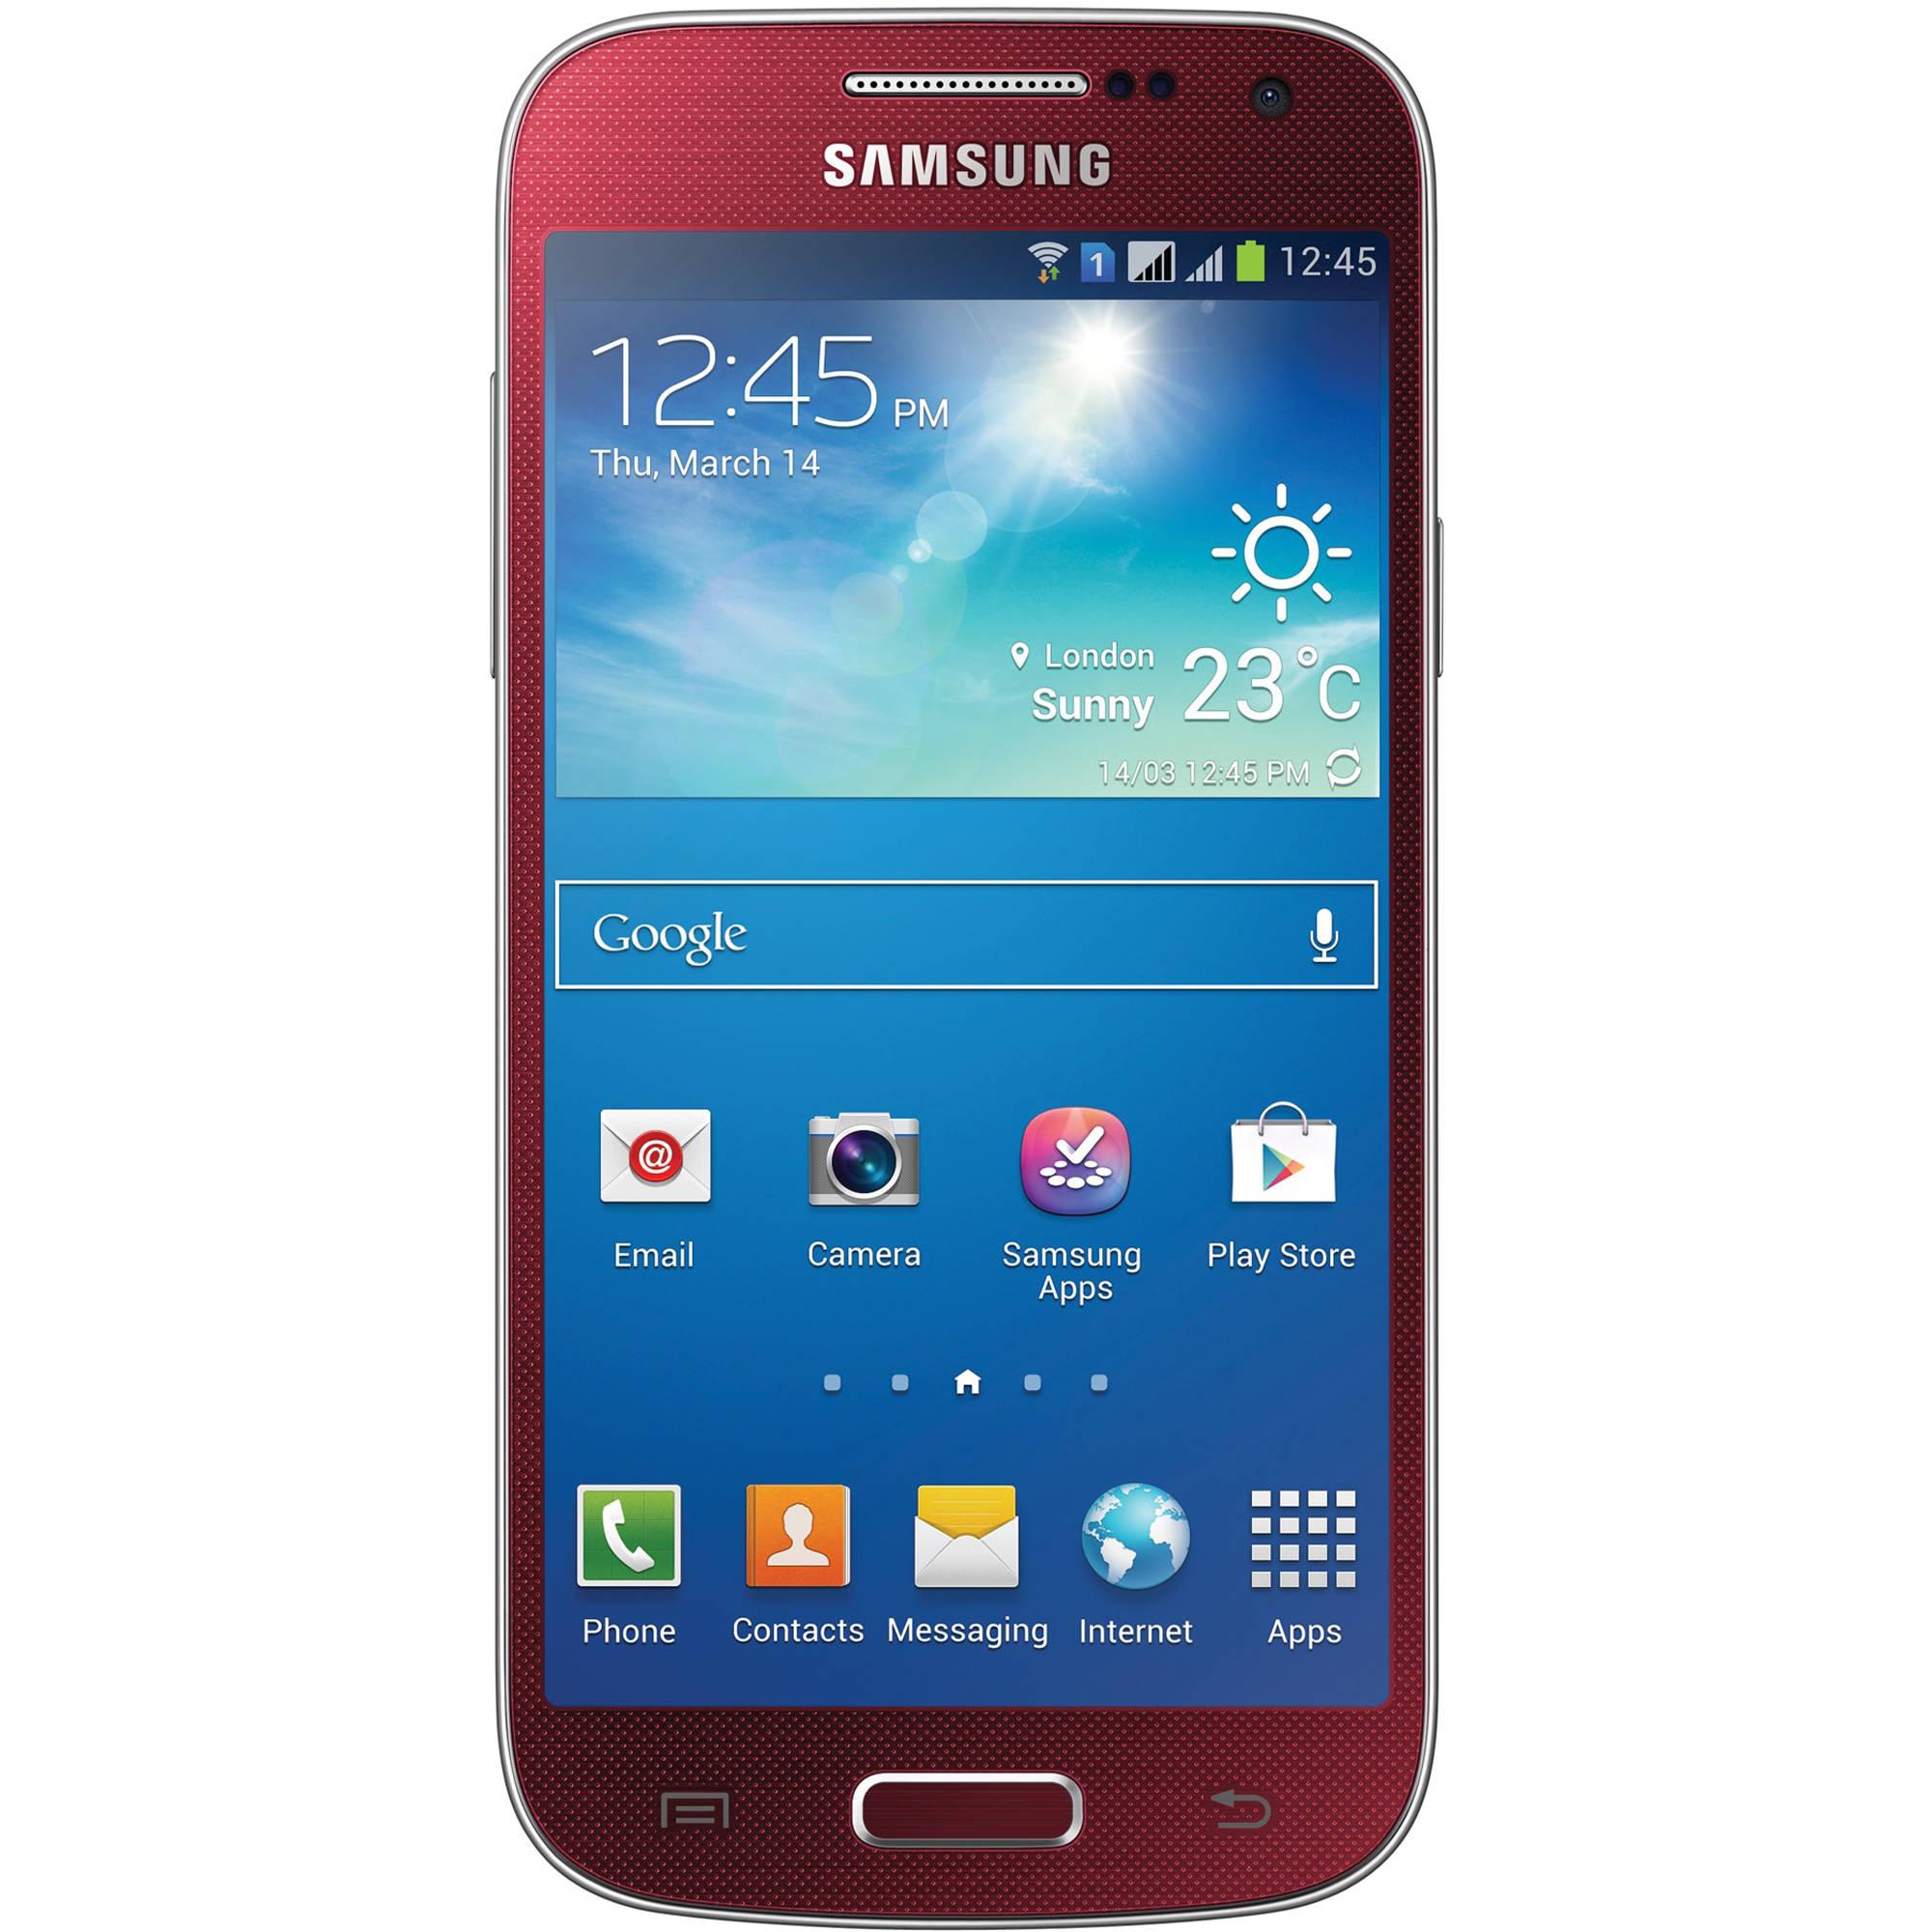 samsung galaxy s4 mini gti9195i 8gb smartphone gti9195